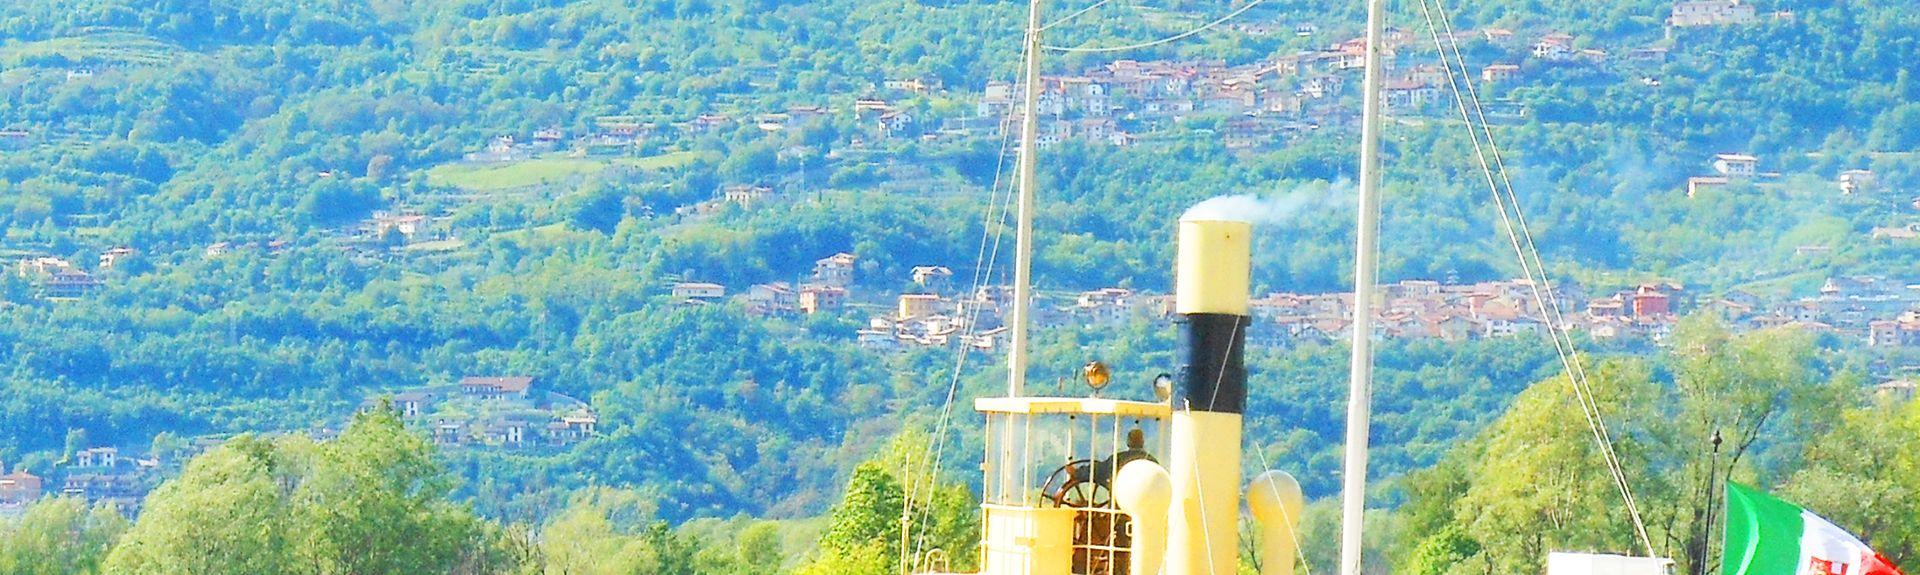 Borno, Lombardije, Italië